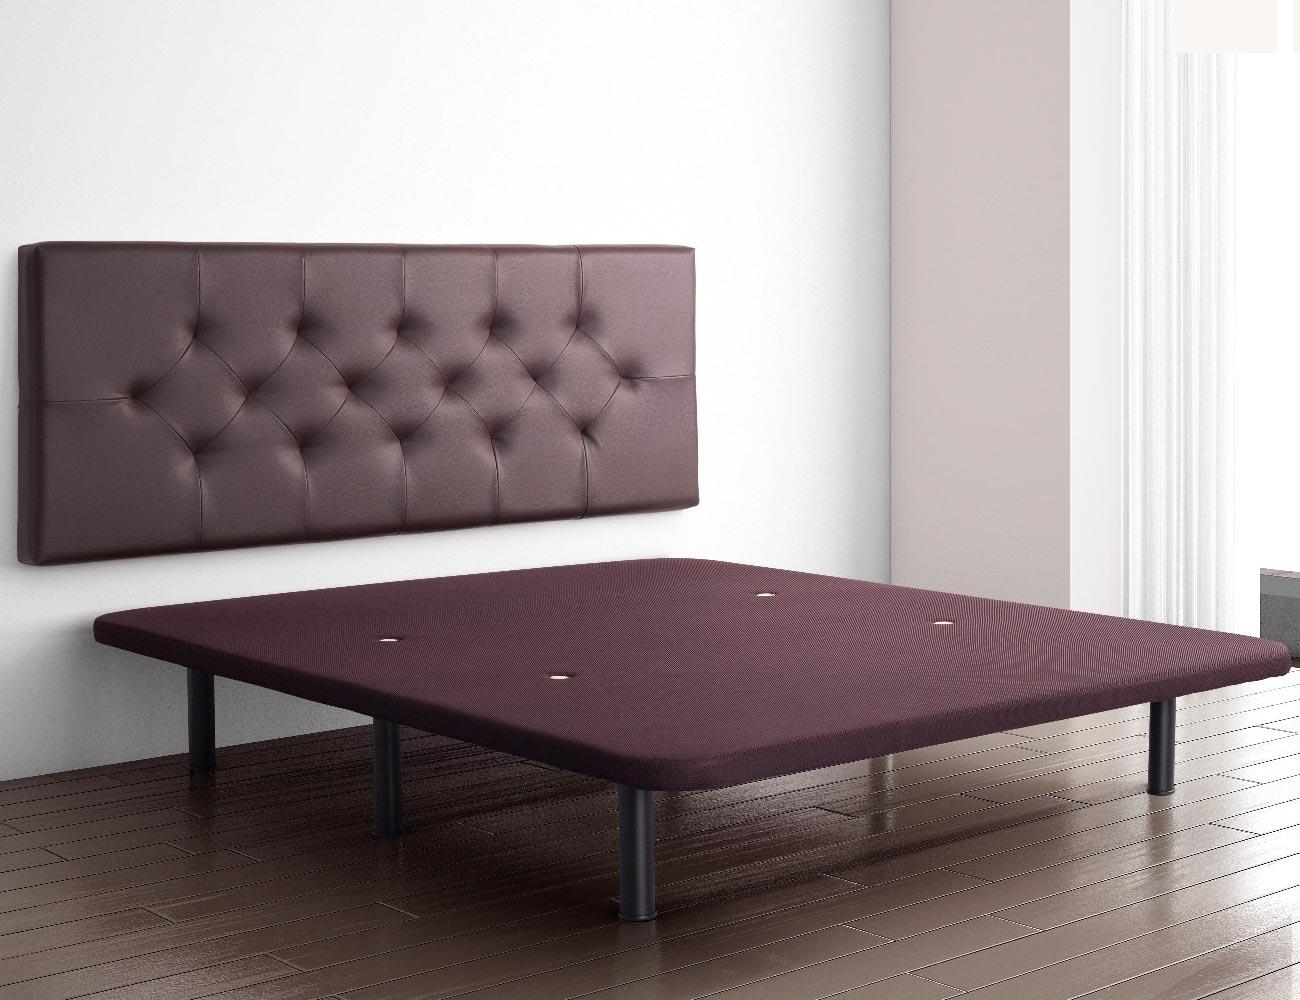 Base 3d aireada chocolate11